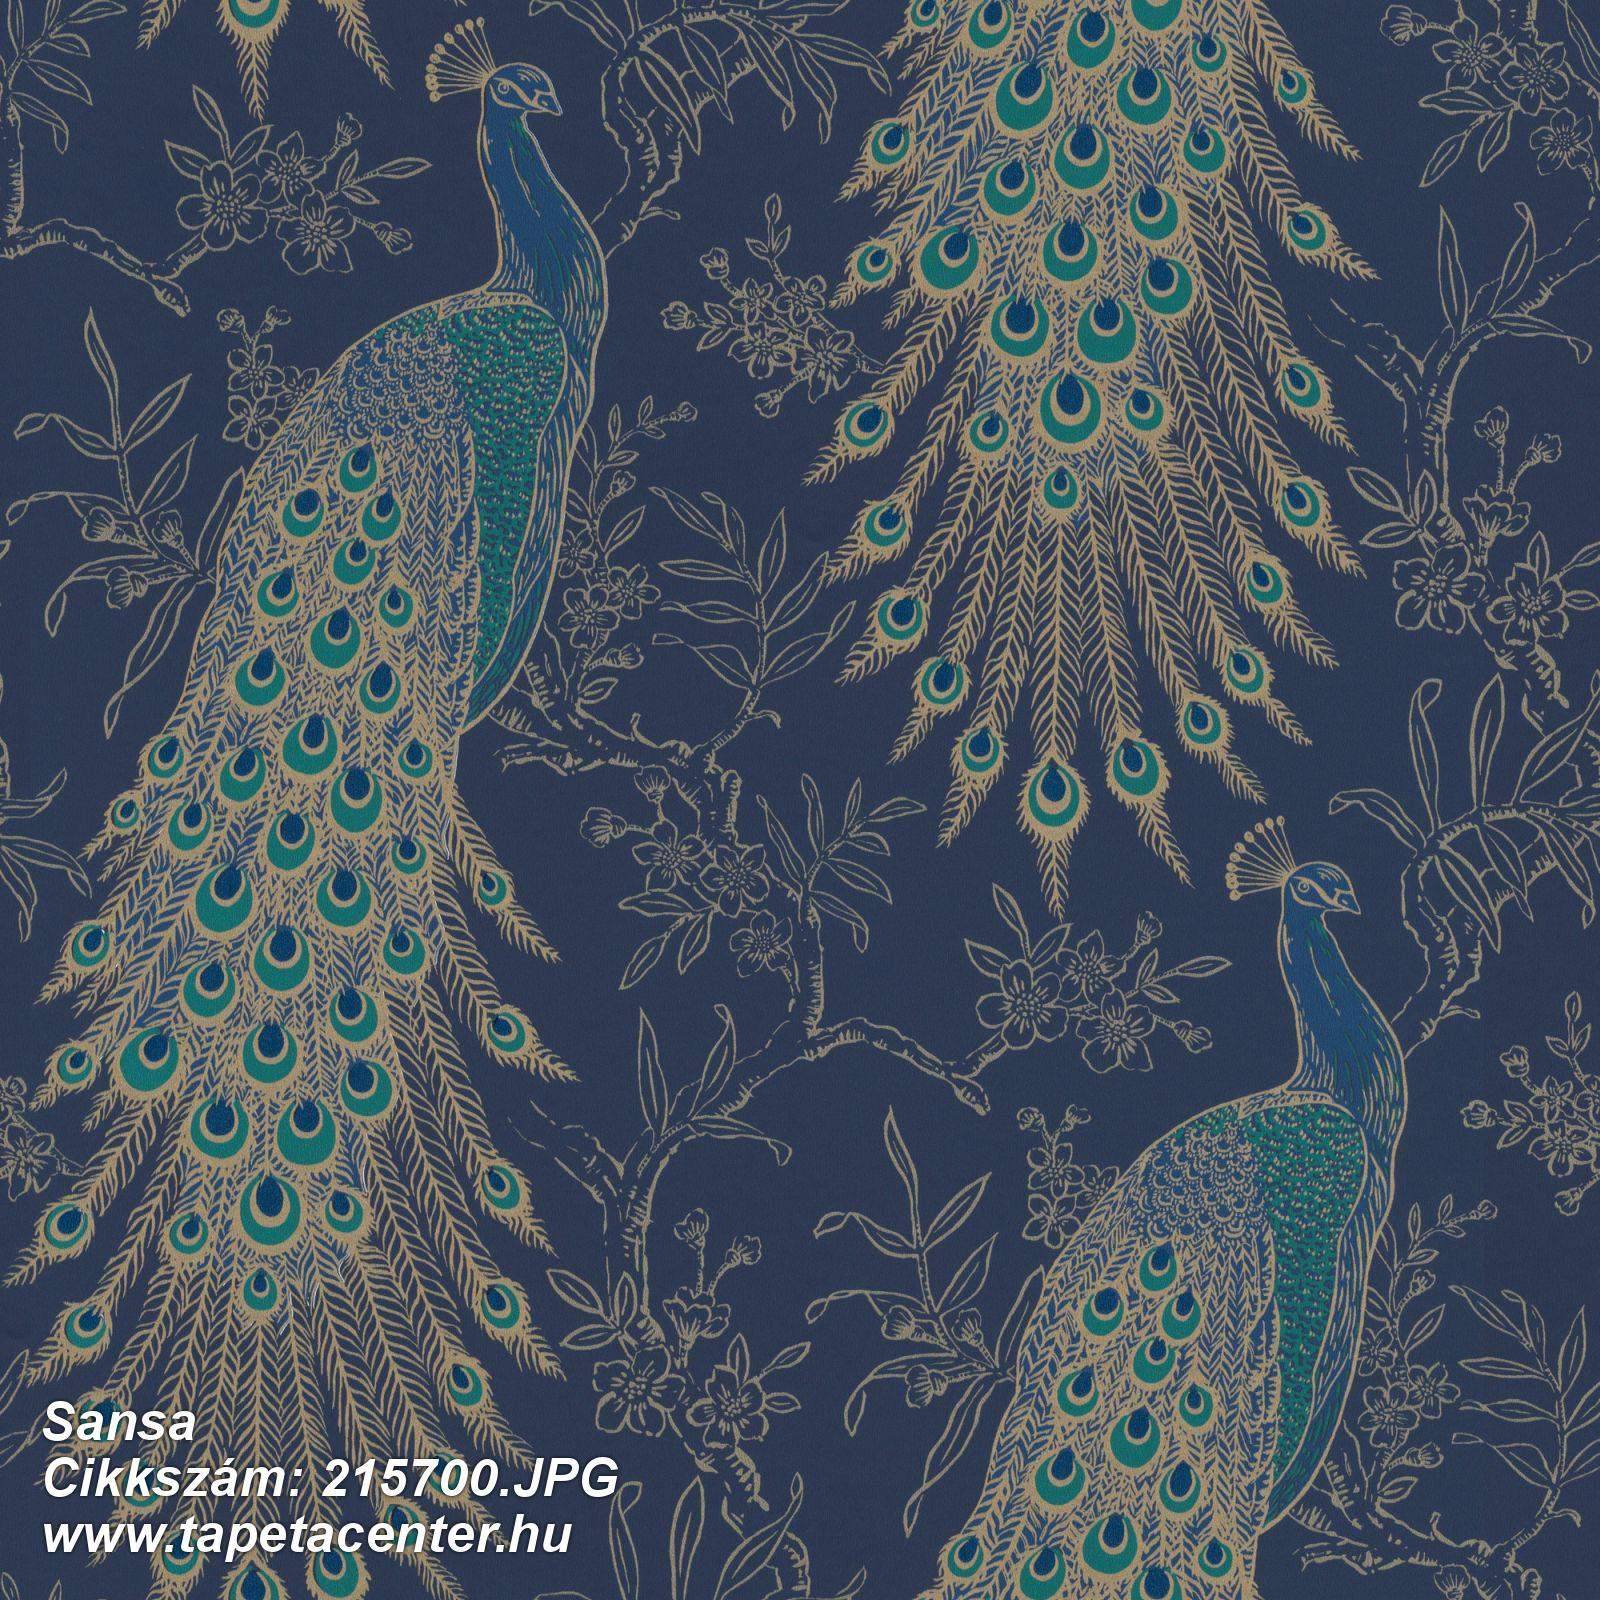 állatok,természeti mintás,arany,kék,türkiz,gyengén mosható,papír tapéta